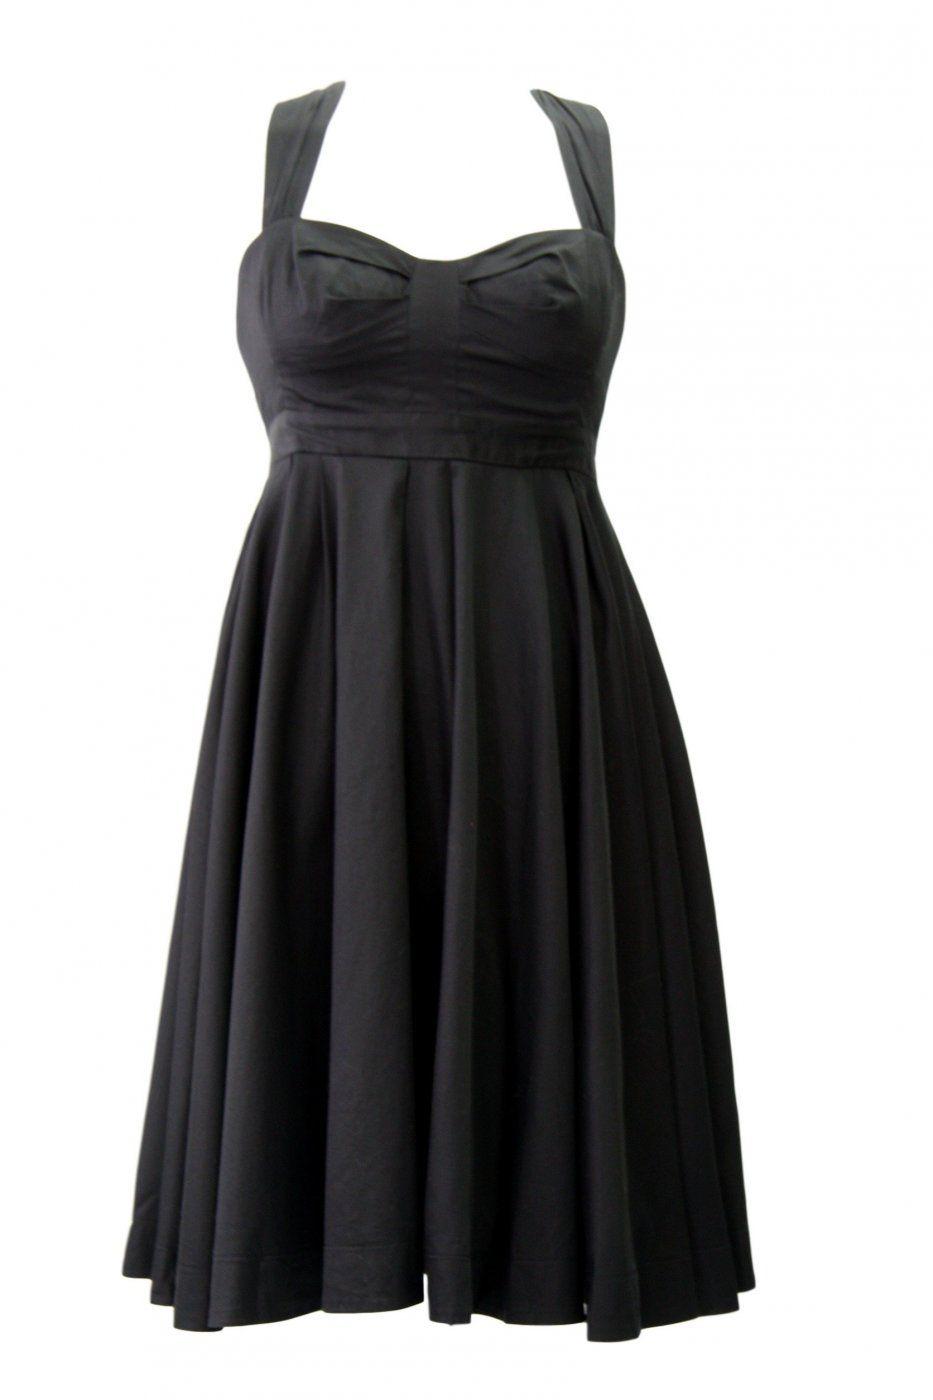 French Connection Kleid in Schwarz | Mädchenflohmarkt | Dress me up ...